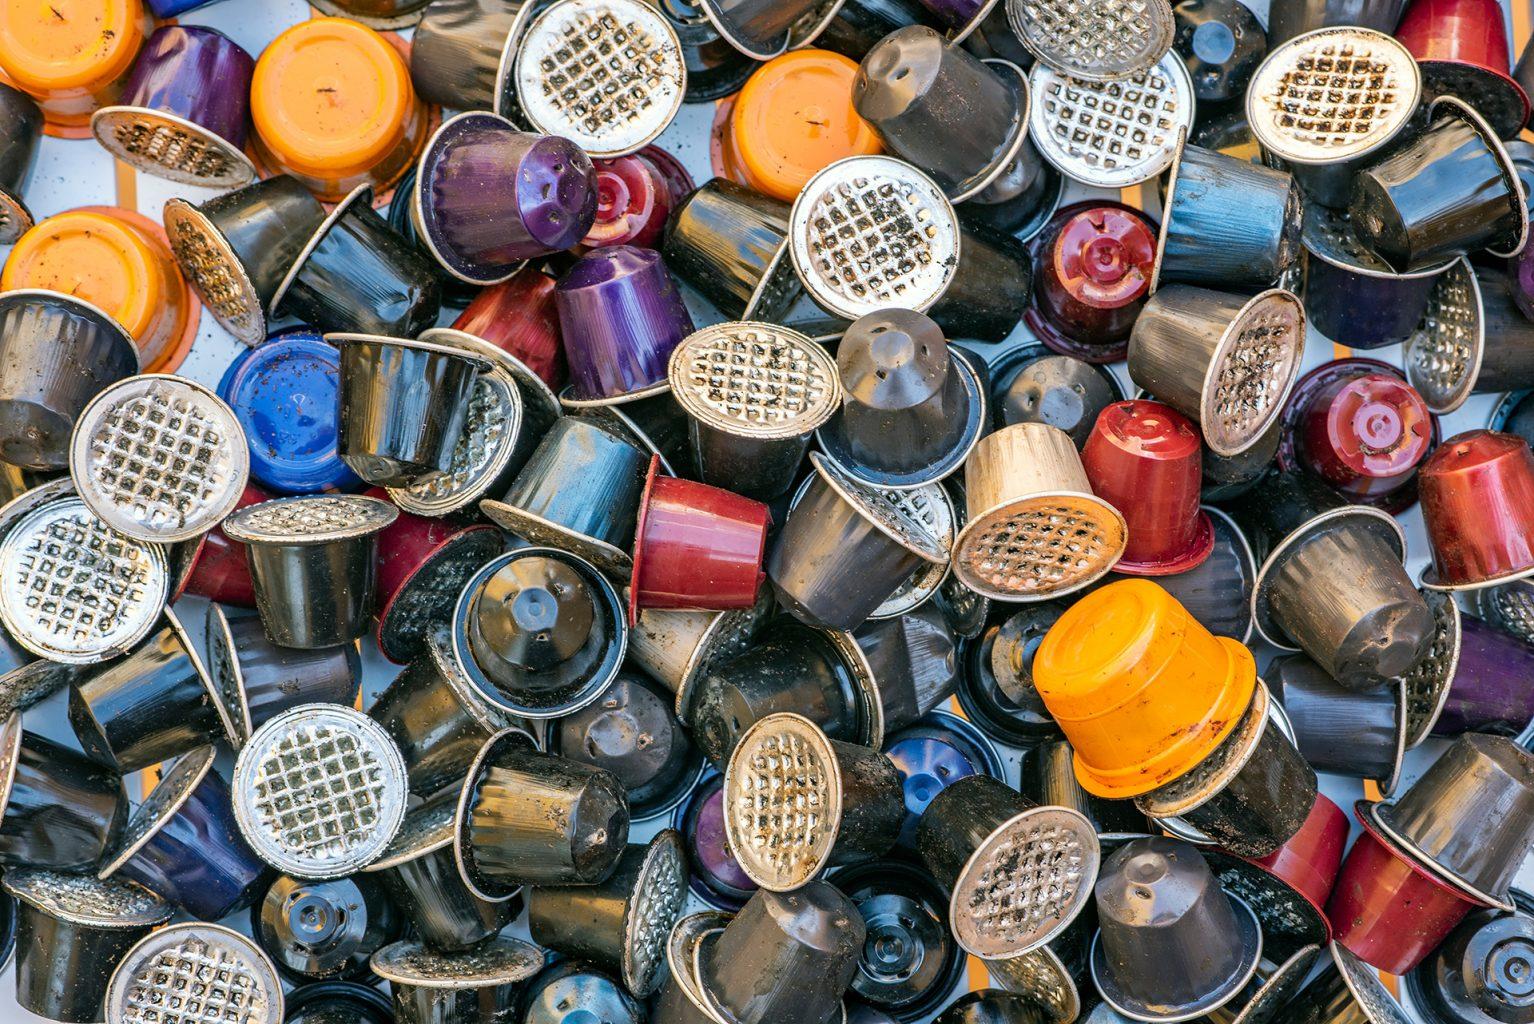 Bio-Reciclados - Café reciclado de las máquinas y cápsulas de café